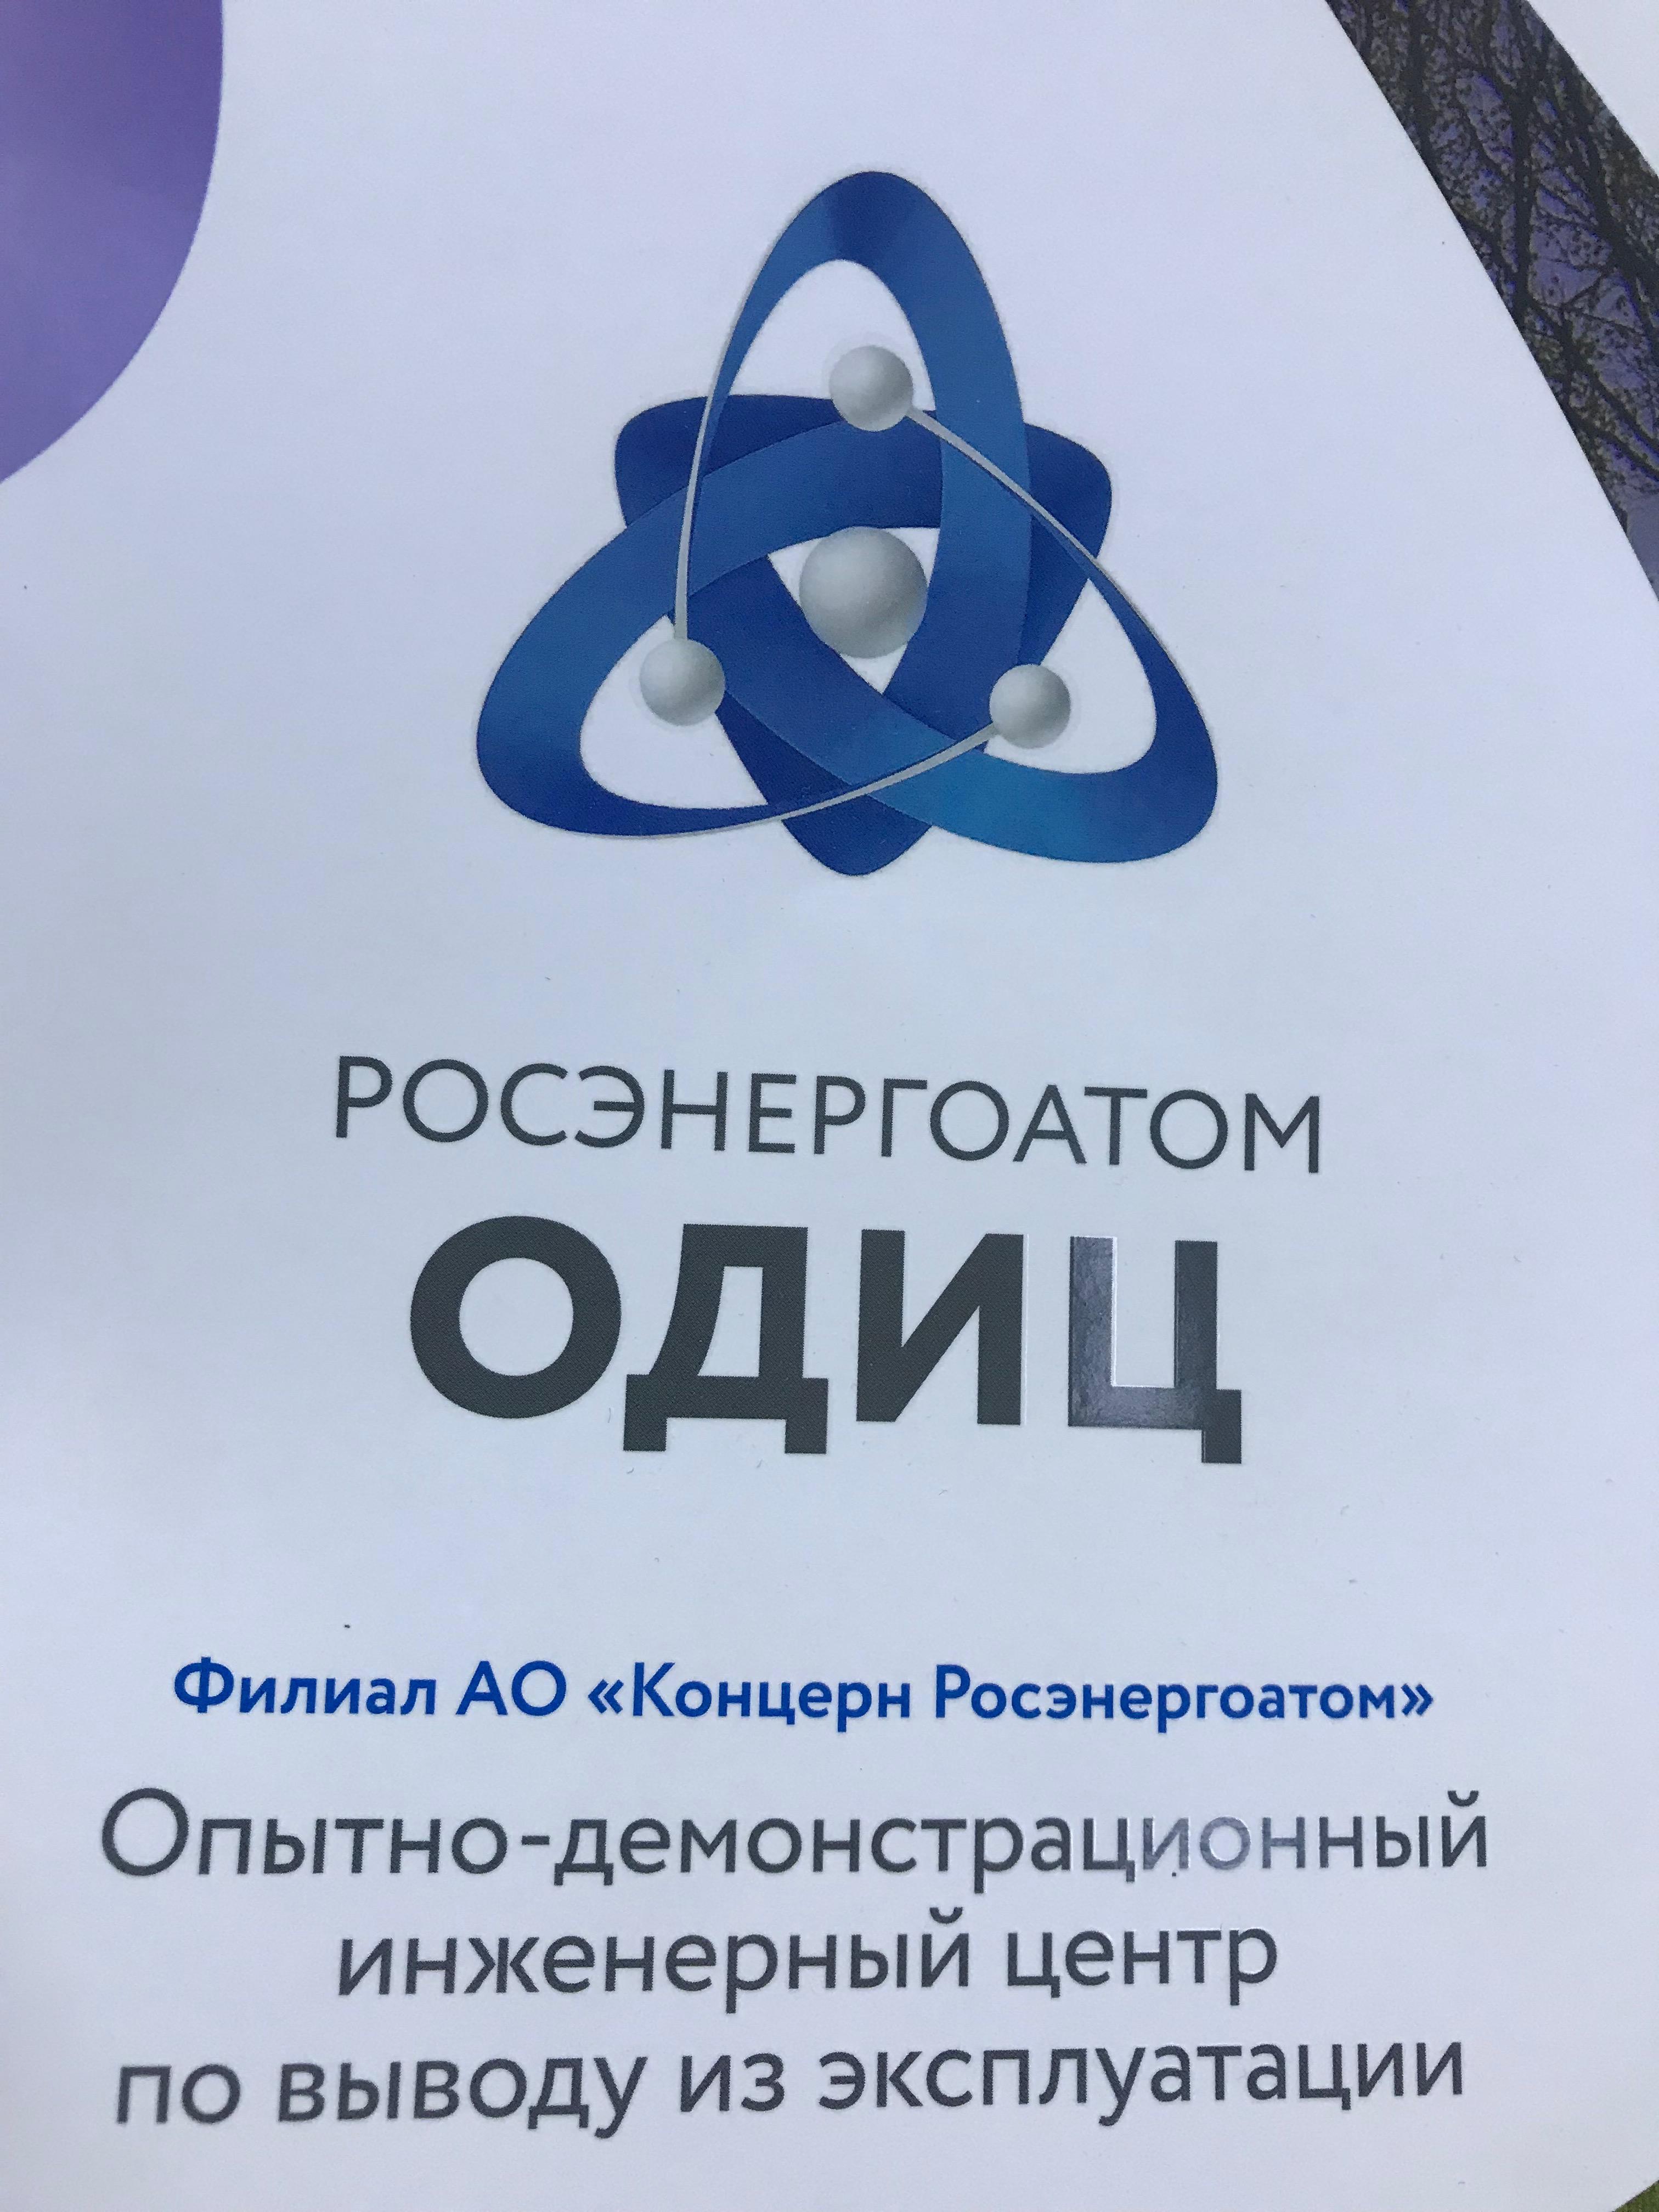 Поставка универсальной климатической установки в ОДИЦ